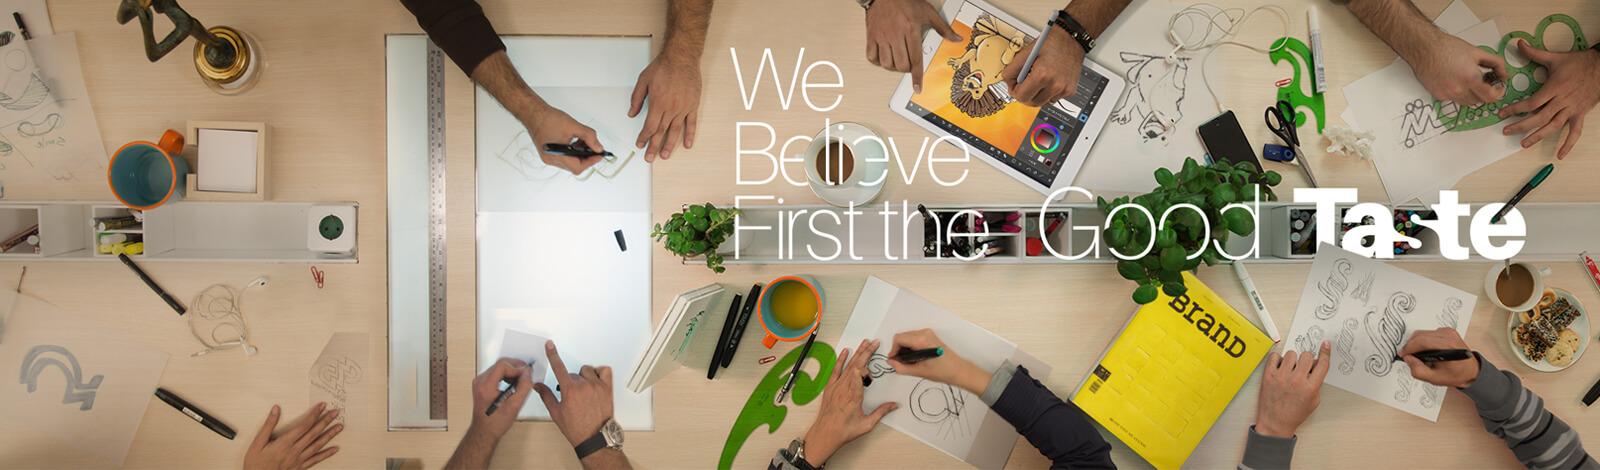 میز کار طراحان شرکت تبلیغاتی الف، طراحی هویت بصری، طراحی لوگو، طراحی لوگوتایپ، طراح یست اداری، طراحی اوراق اداری